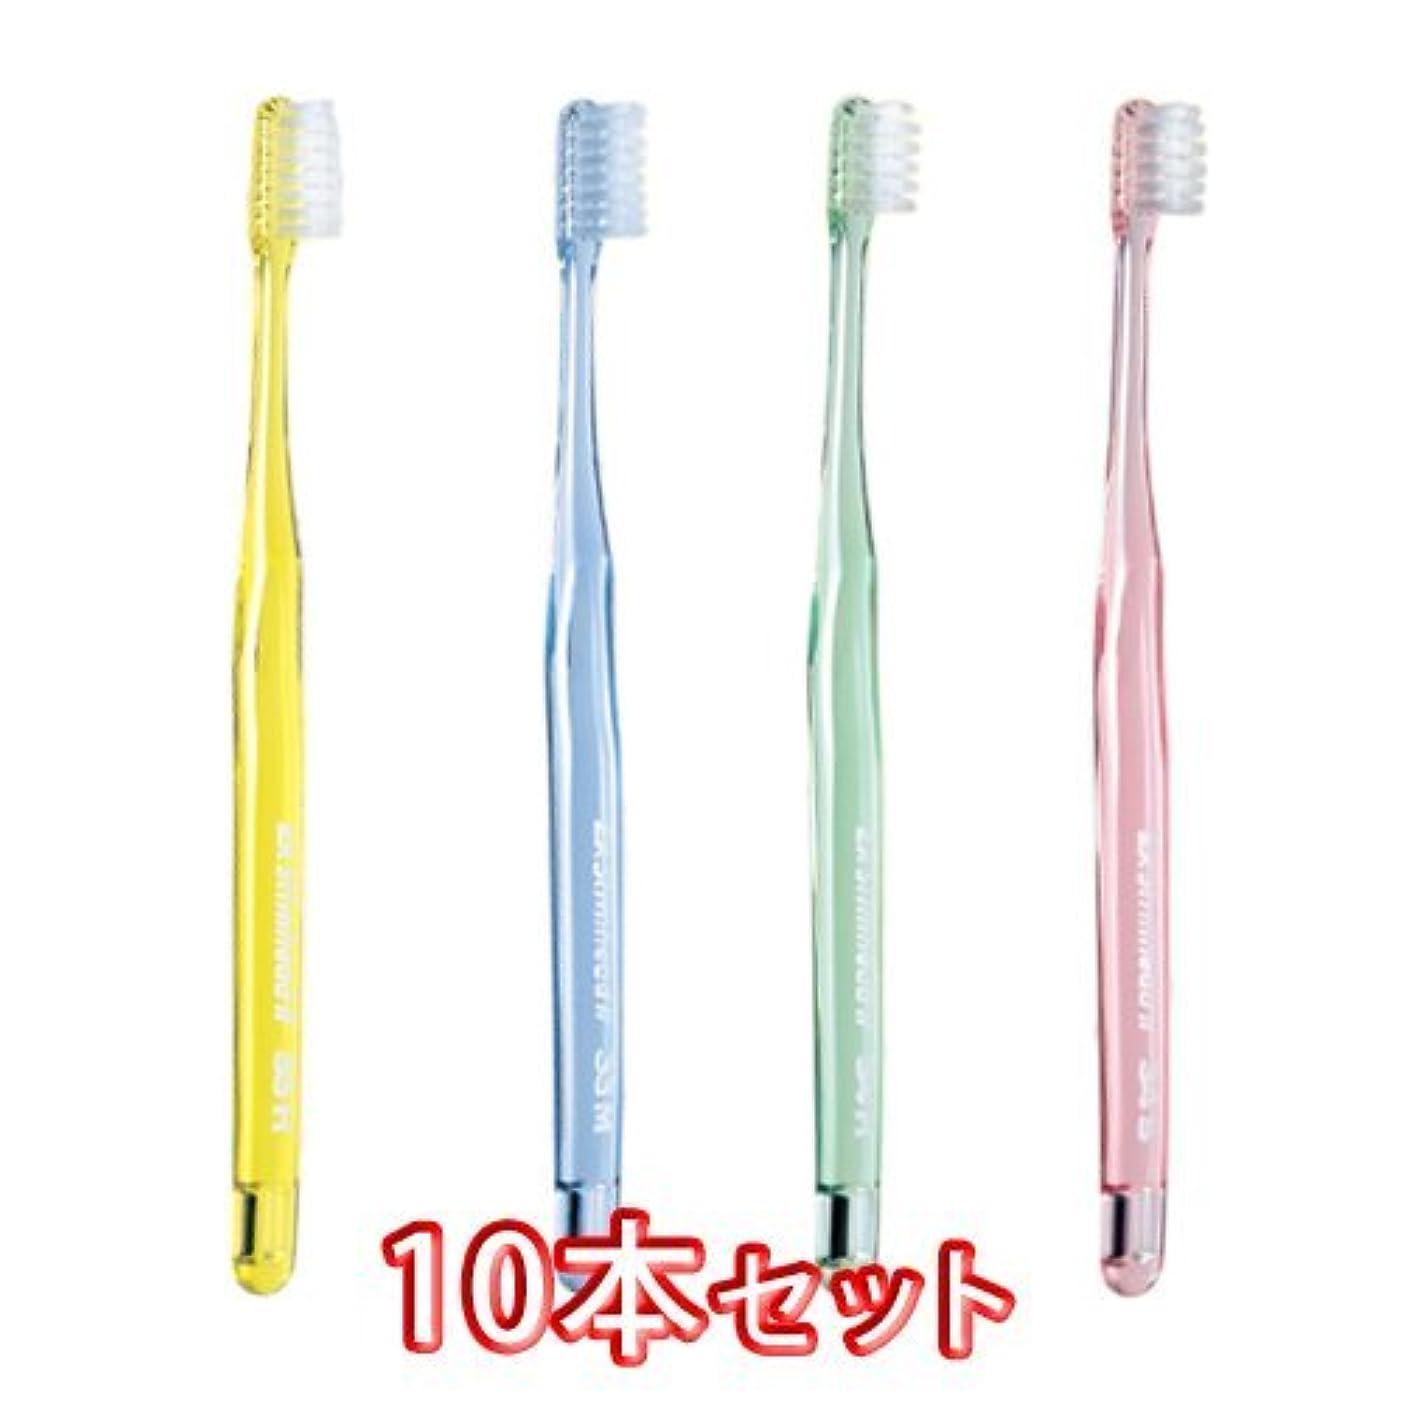 窓精巧な宿題ライオン スリムヘッド2 歯ブラシ 10本セット (33H)